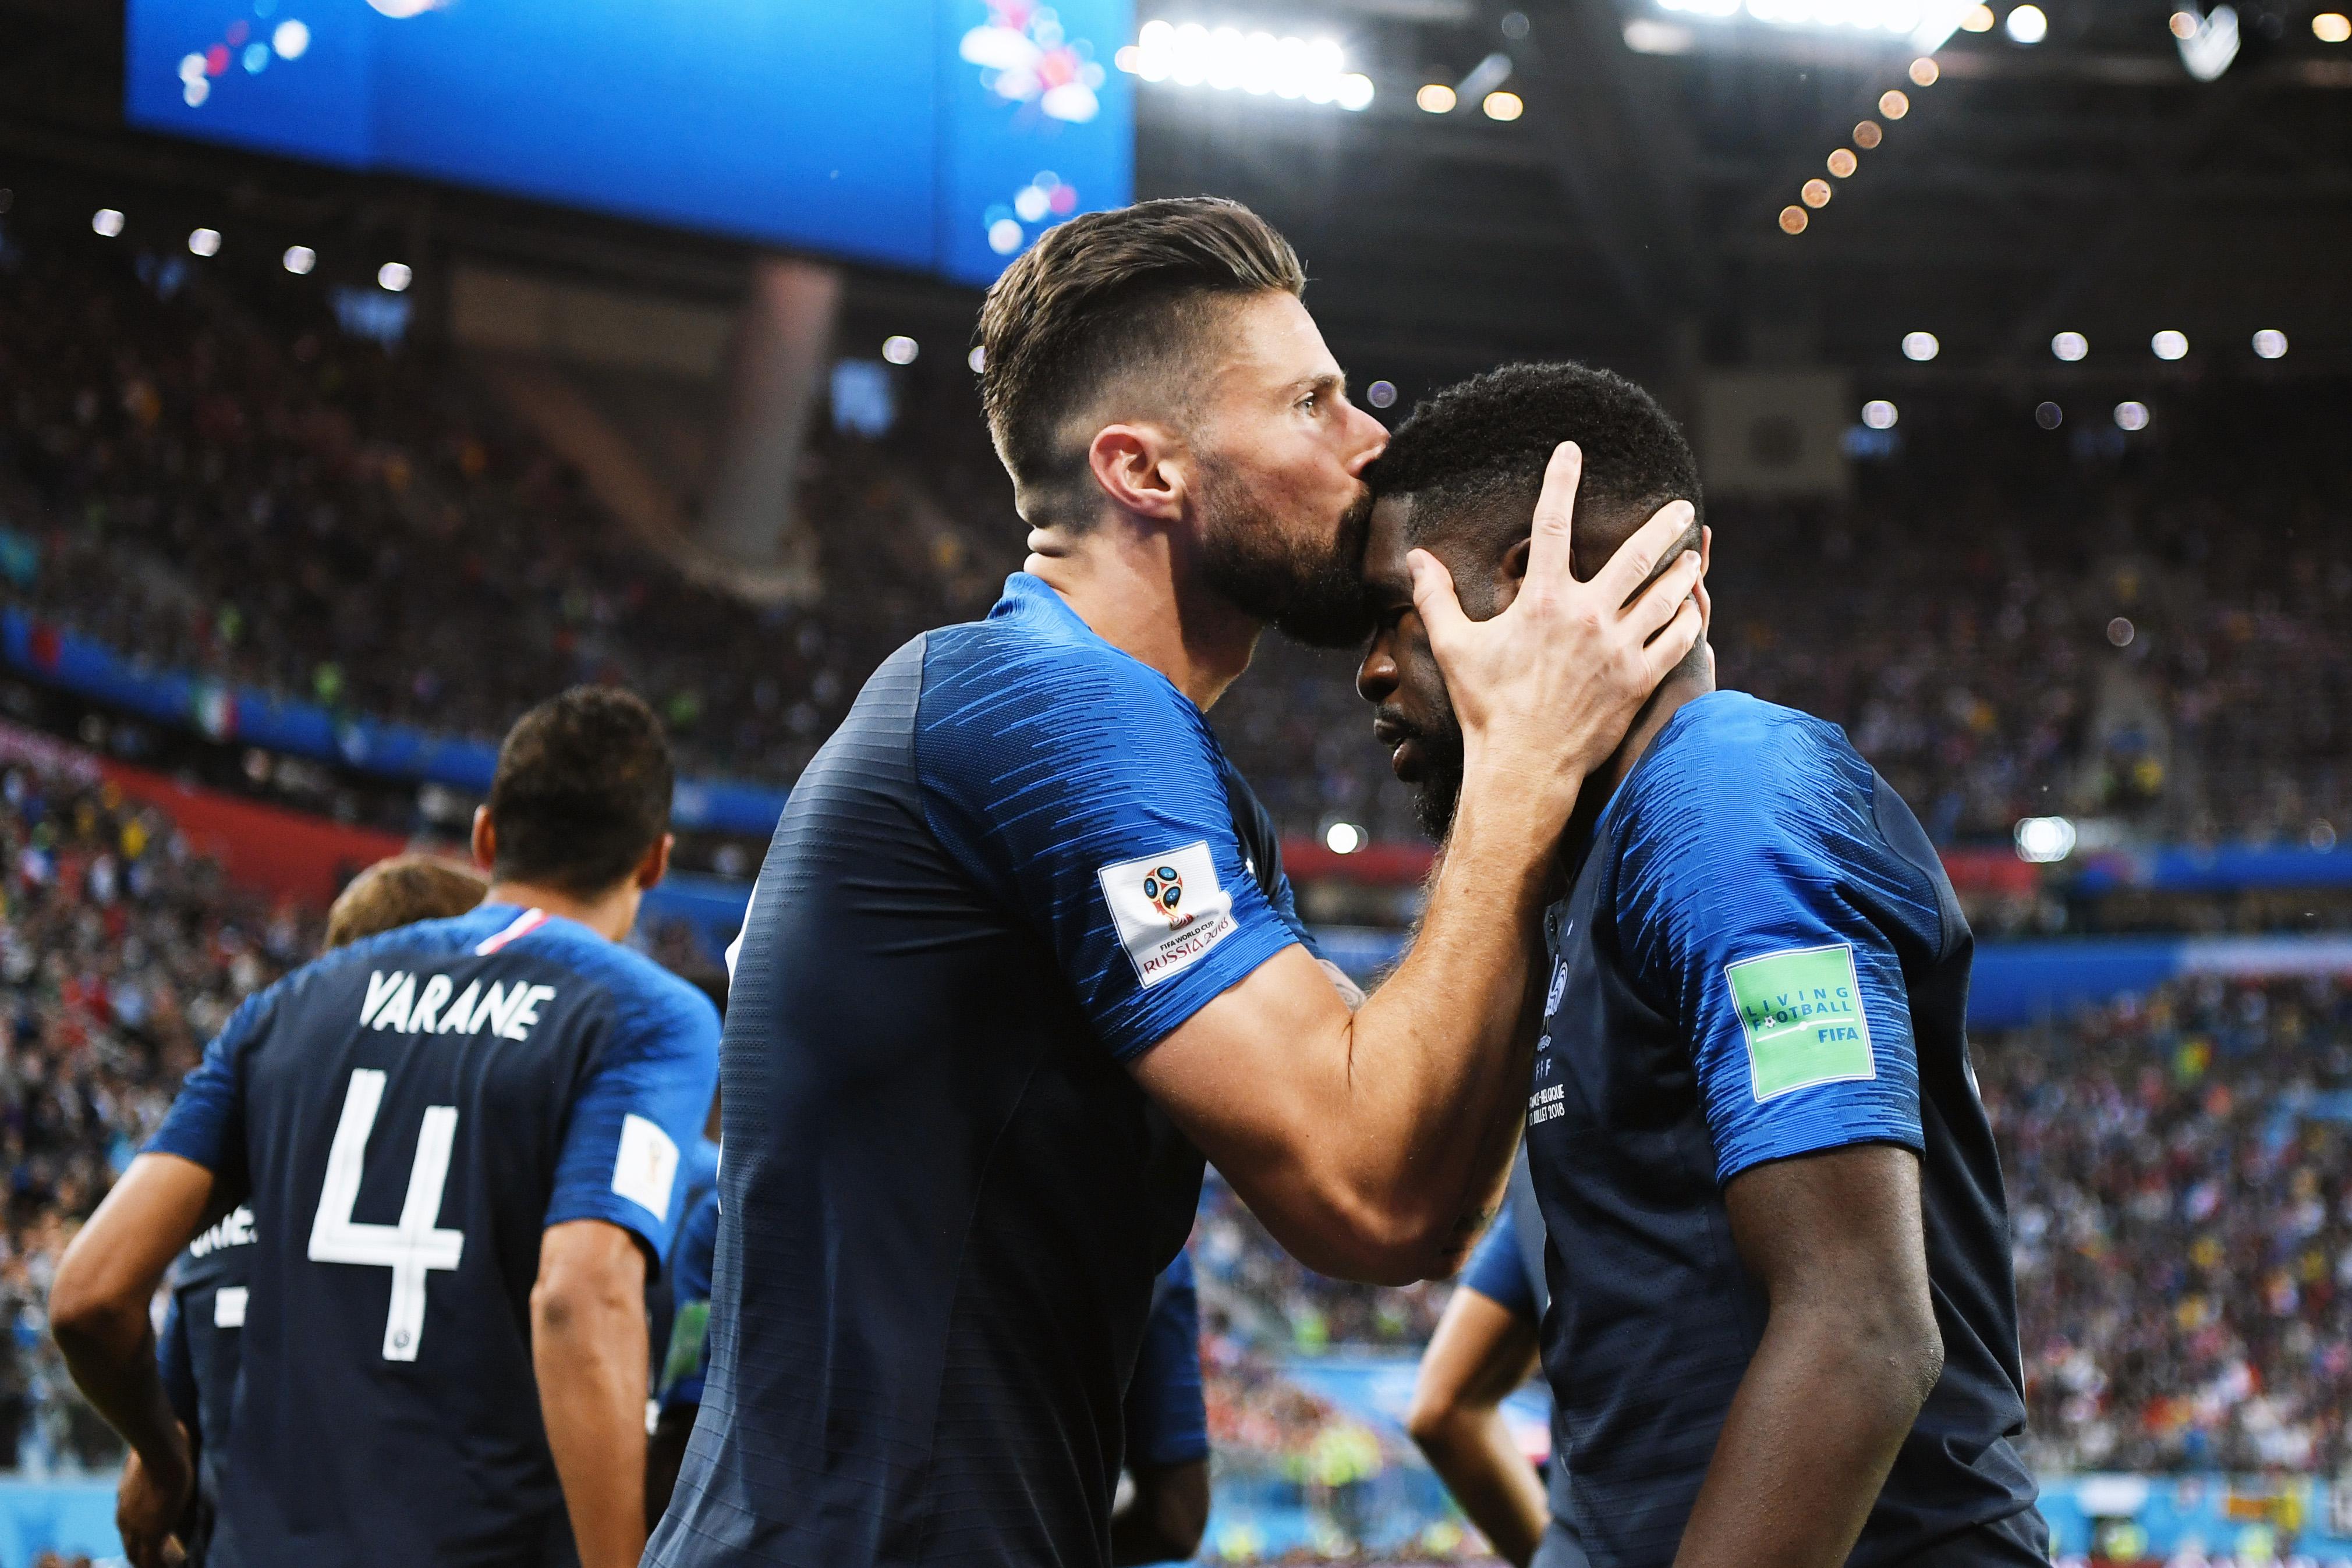 Француз Оливье Жиру целует коллегу покоманде Самюэля Умтити, забившего первый гол впользу сборной вматче против Бельгии.